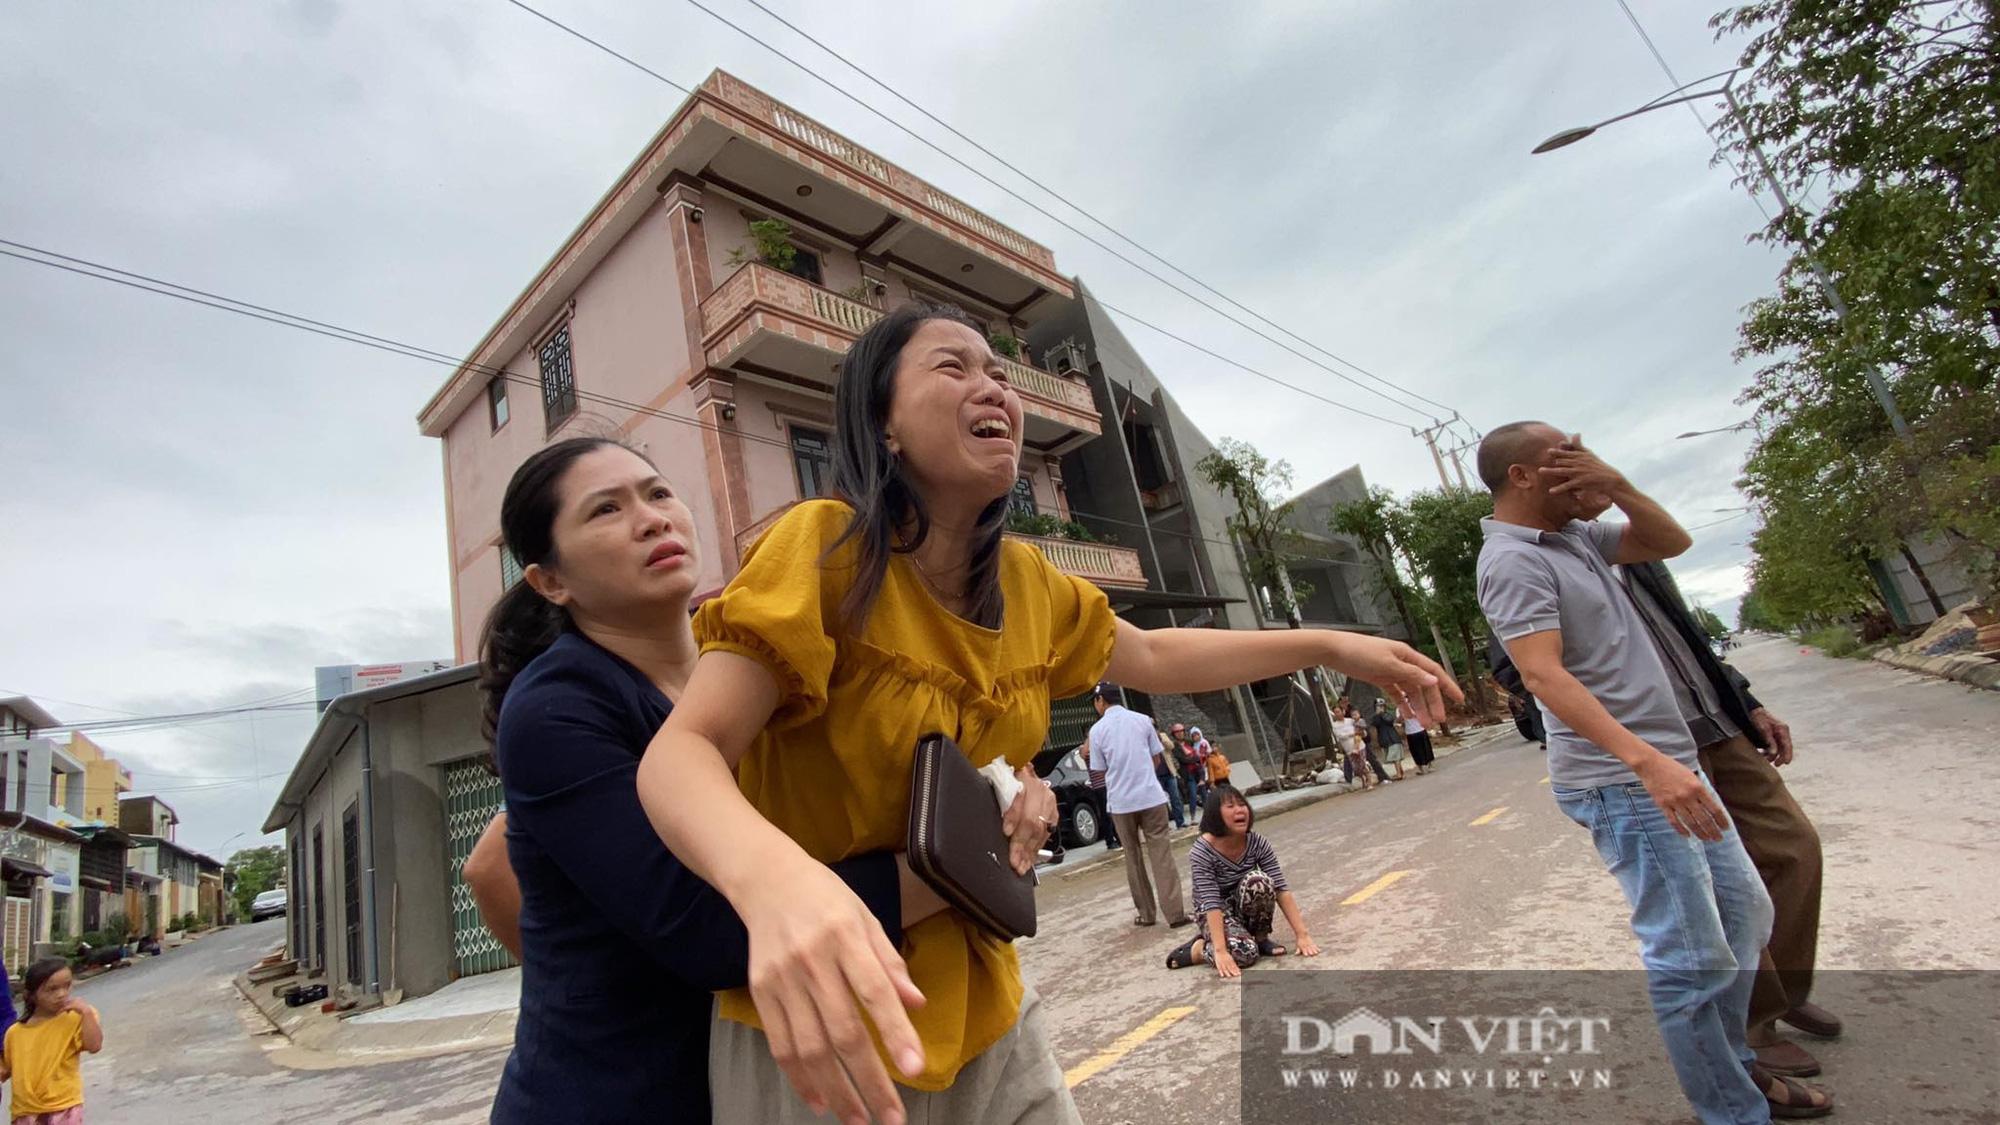 Bộ Quốc phòng thăng 1 cấp quân hàm cho 22 quân nhân bị lở đất ở Quảng Trị, đề nghị công nhận liệt sĩ - Ảnh 2.